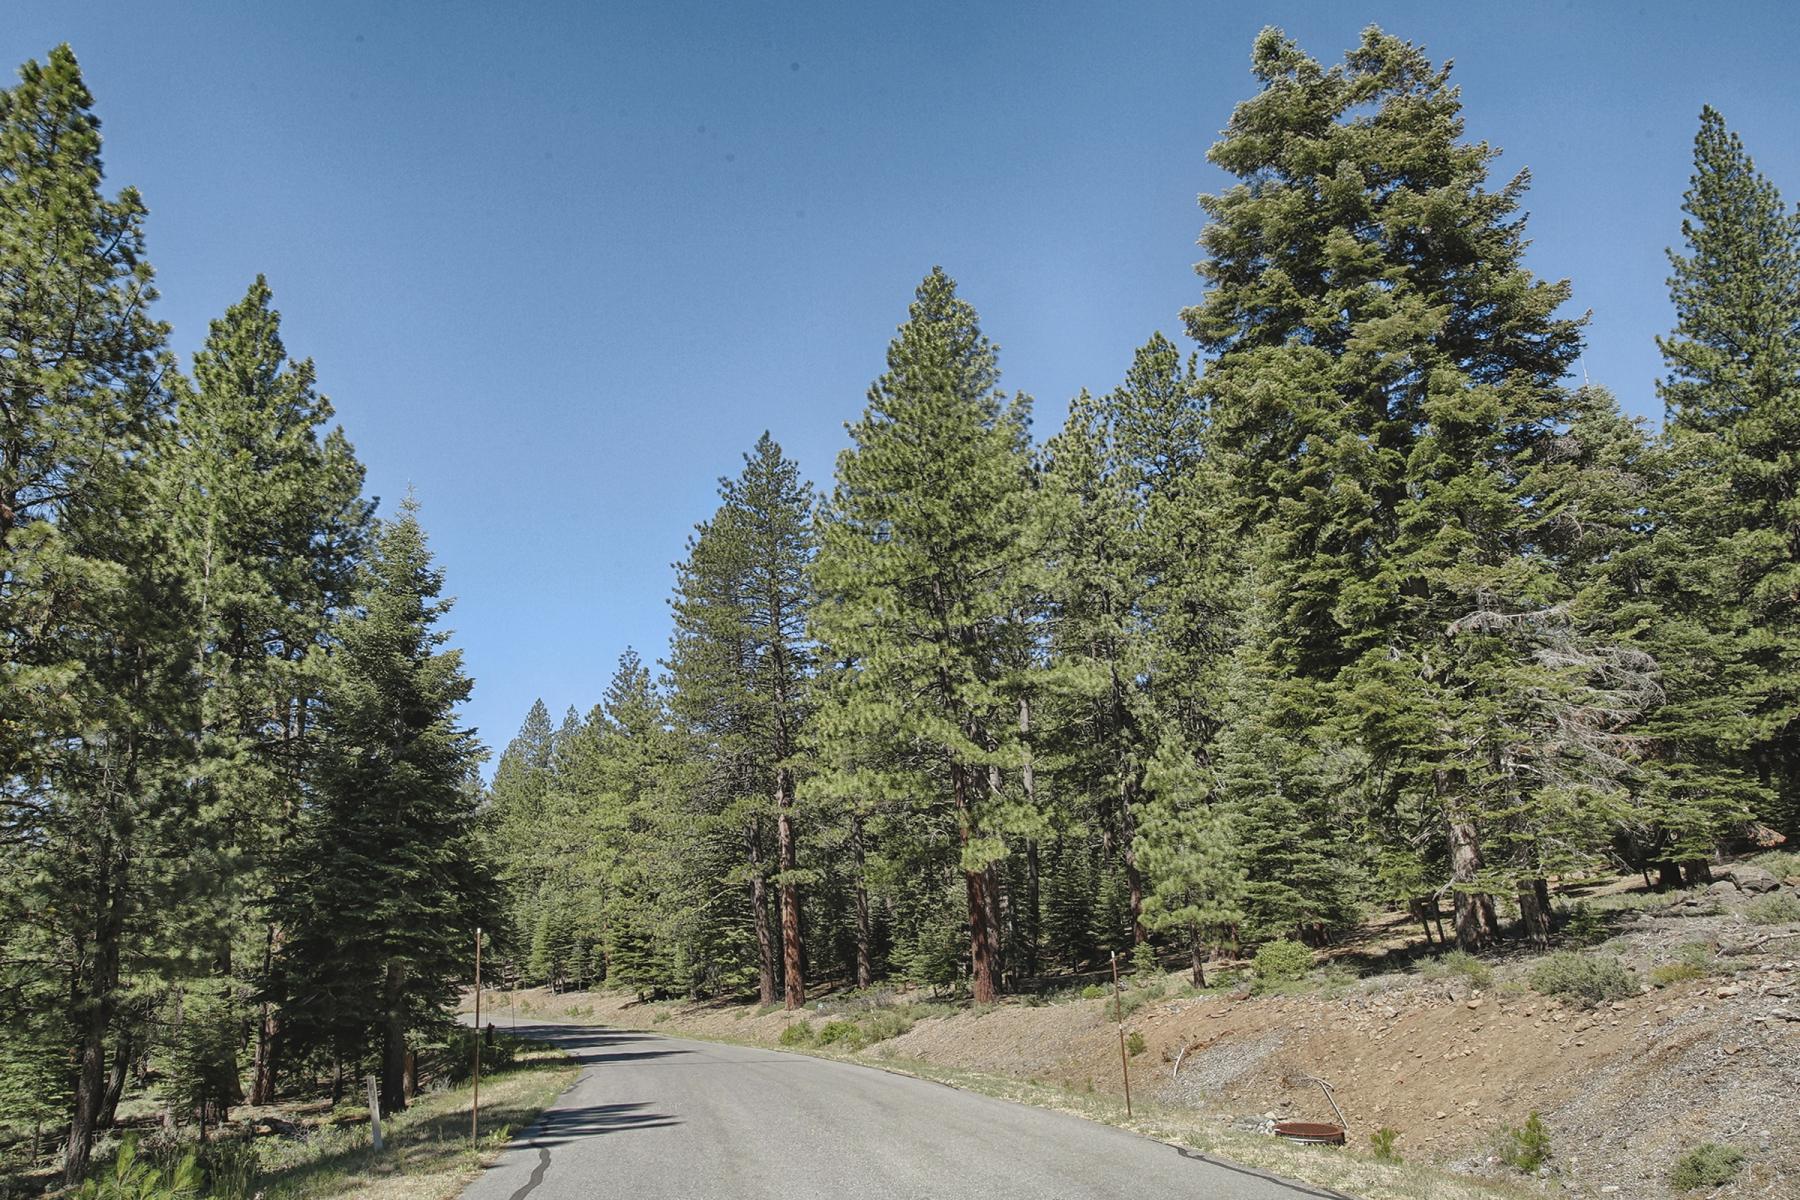 土地 为 销售 在 12008 Saddleback Drive 特拉基, 加利福尼亚州 96161 美国